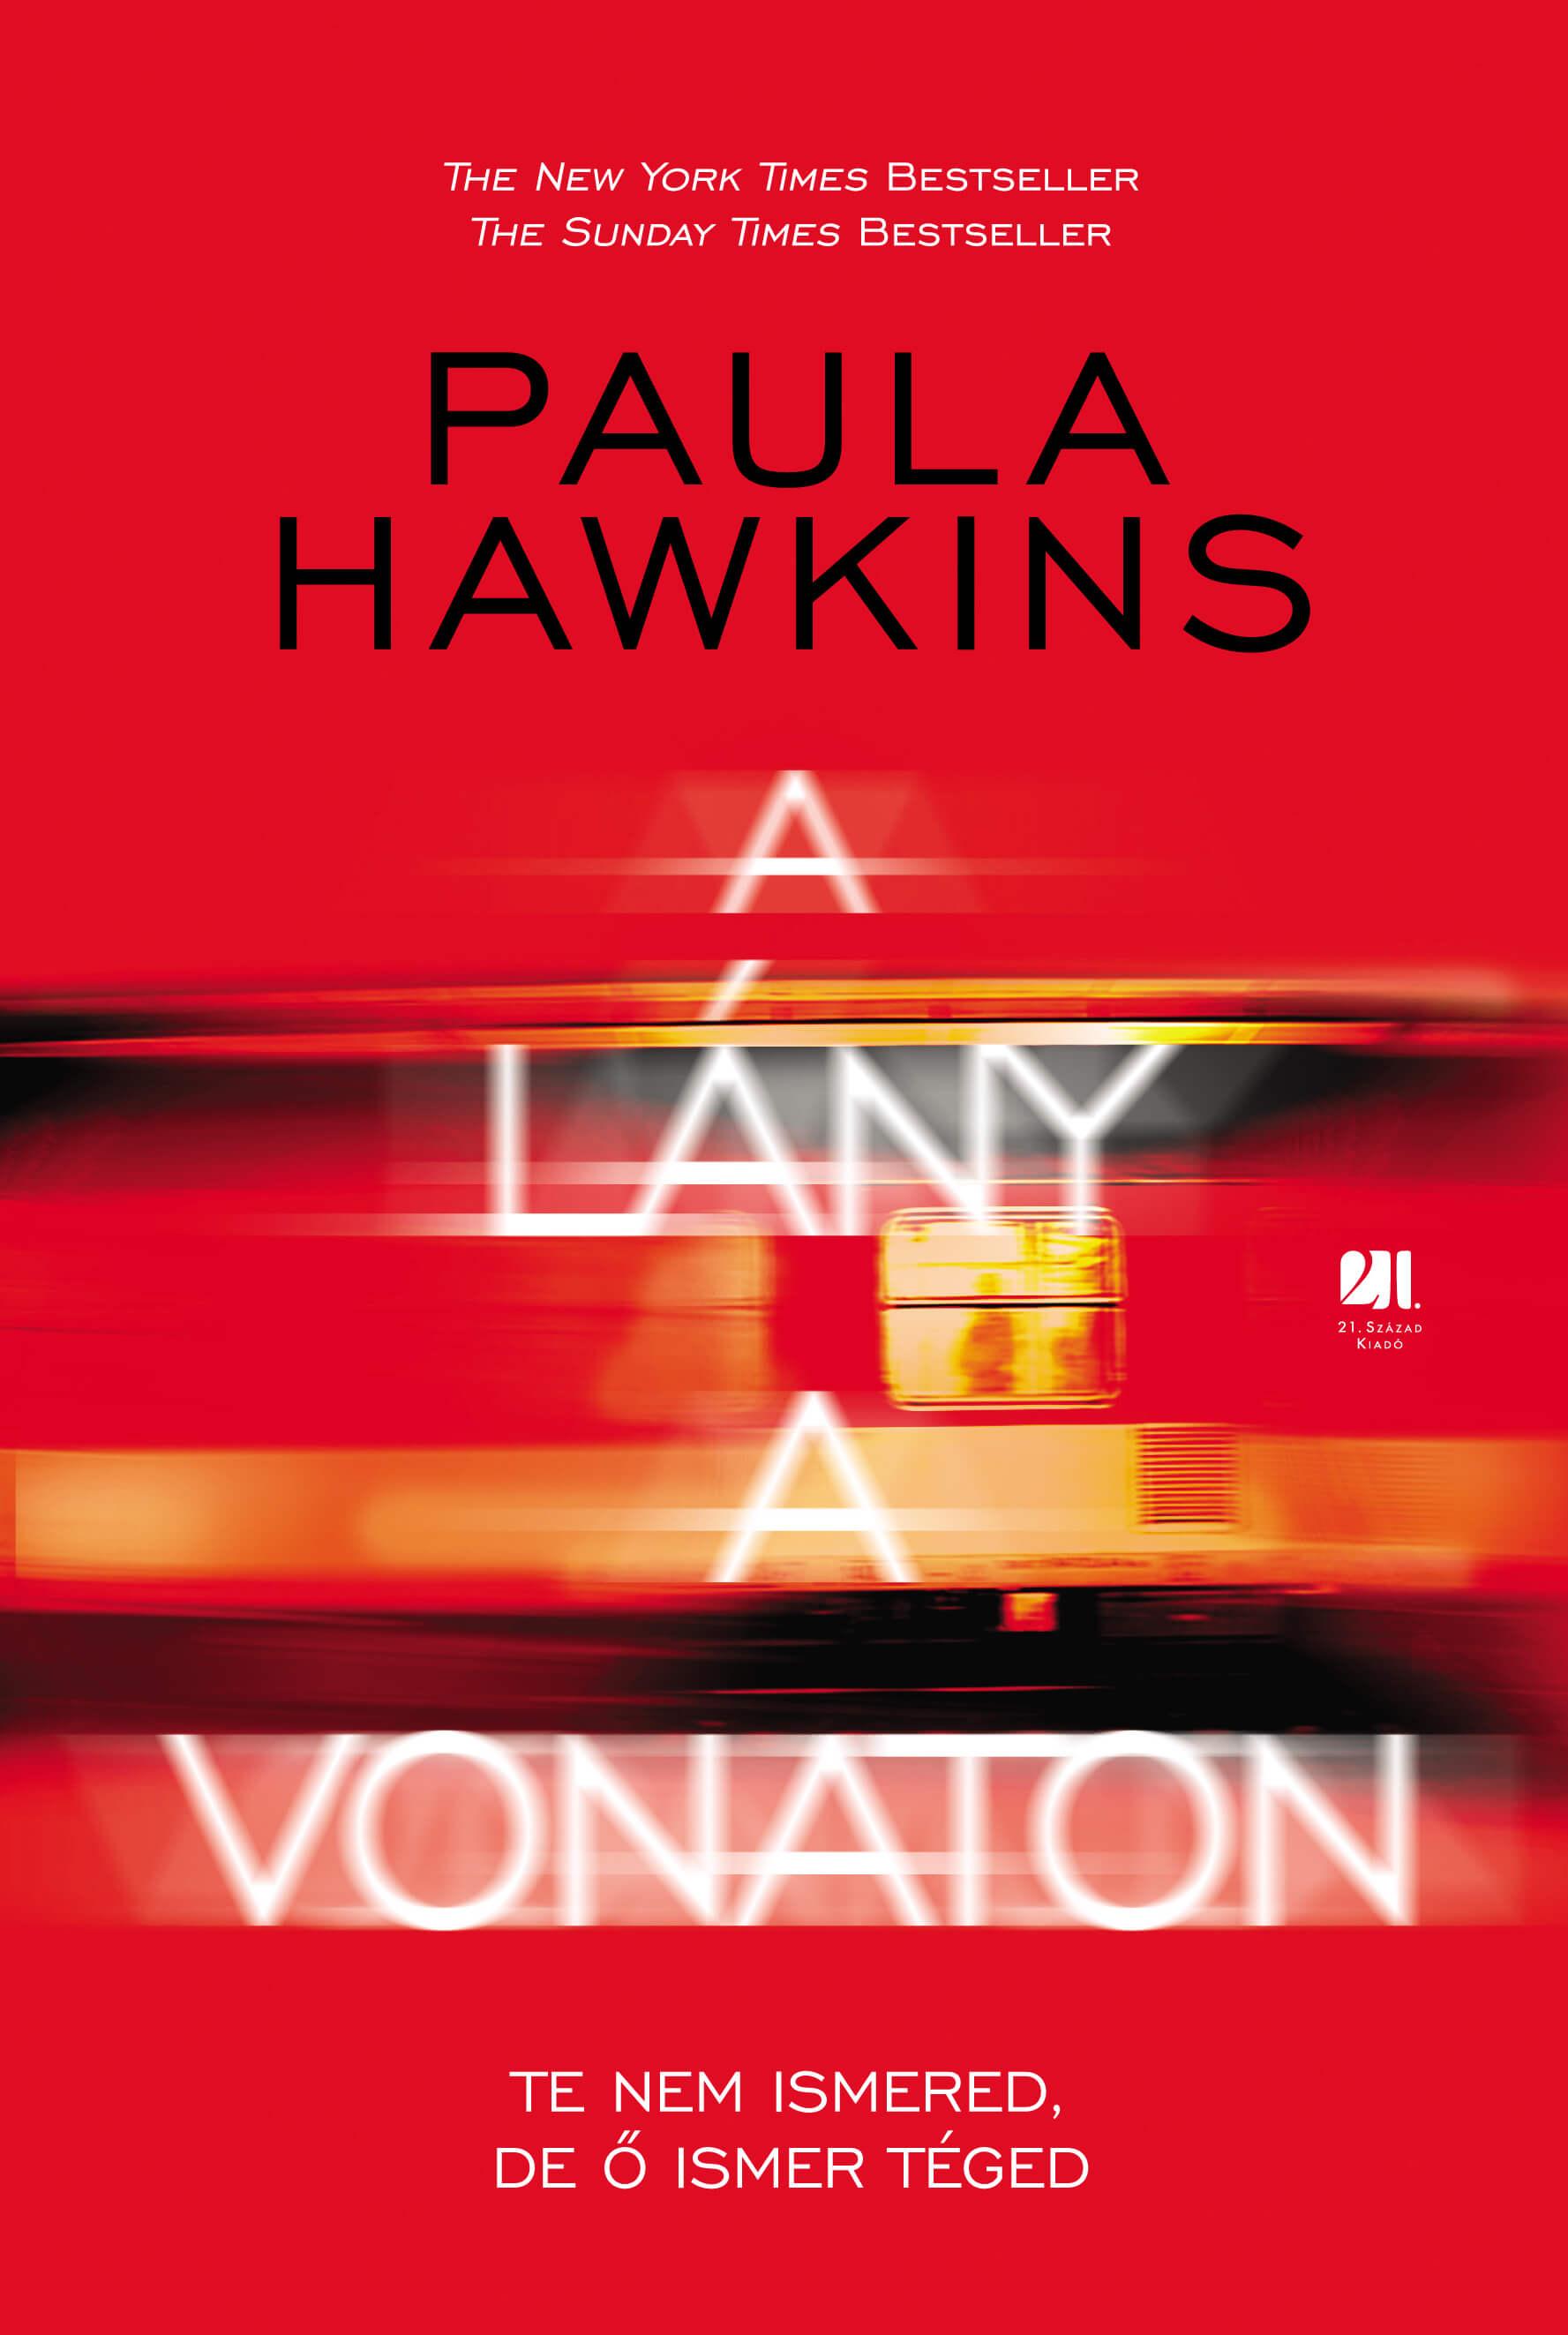 Paula Hawkins - A lány a vonaton - keménytáblás - piros borítós